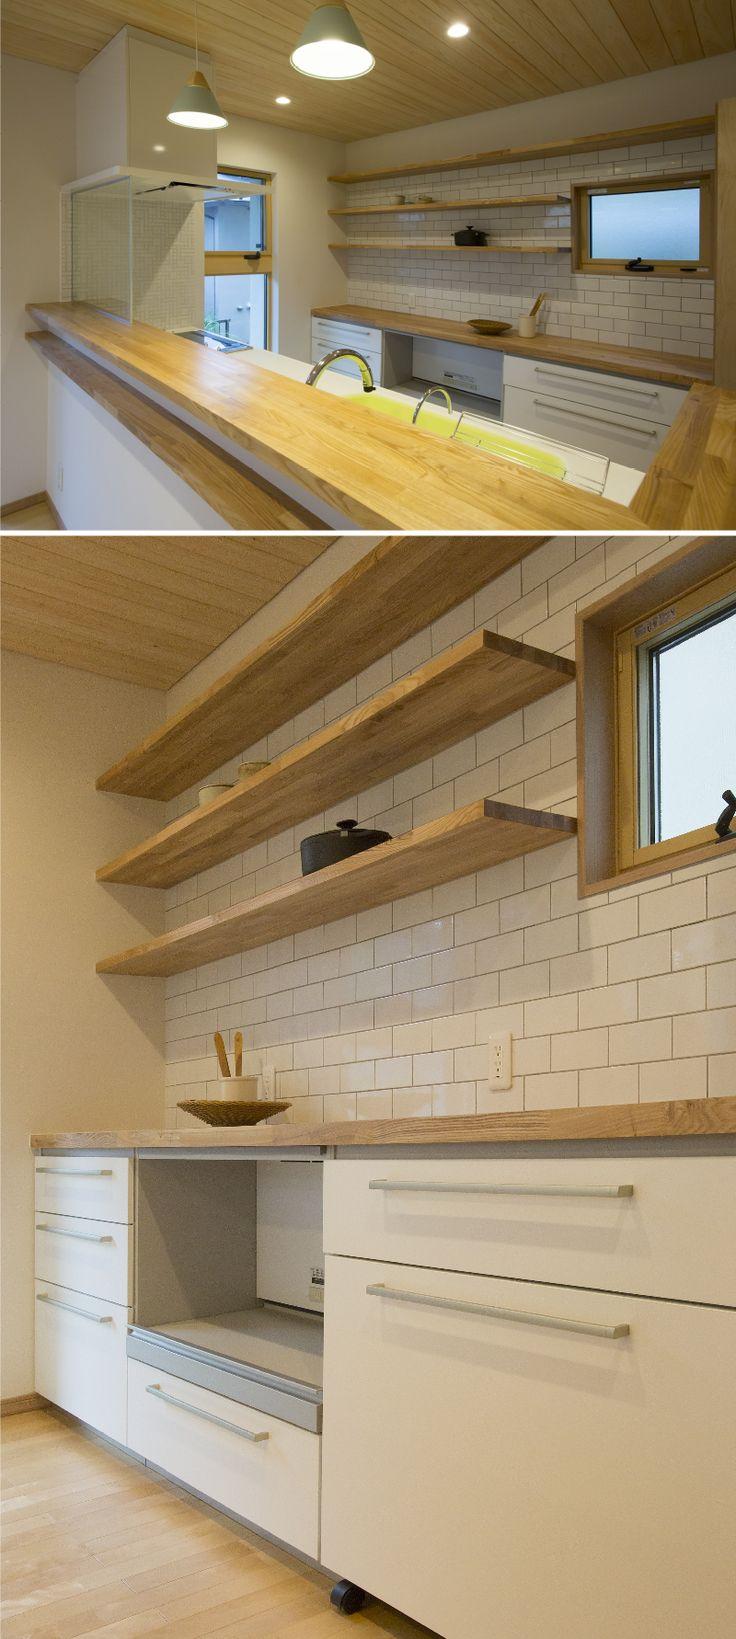 キッチンはタイルと木製カウンターでナチュラル感を。 |キッチン|対面キッチン|インテリア|カウンター|タイル|おしゃれ|造作収納|作業台|ウッド|アイデア|